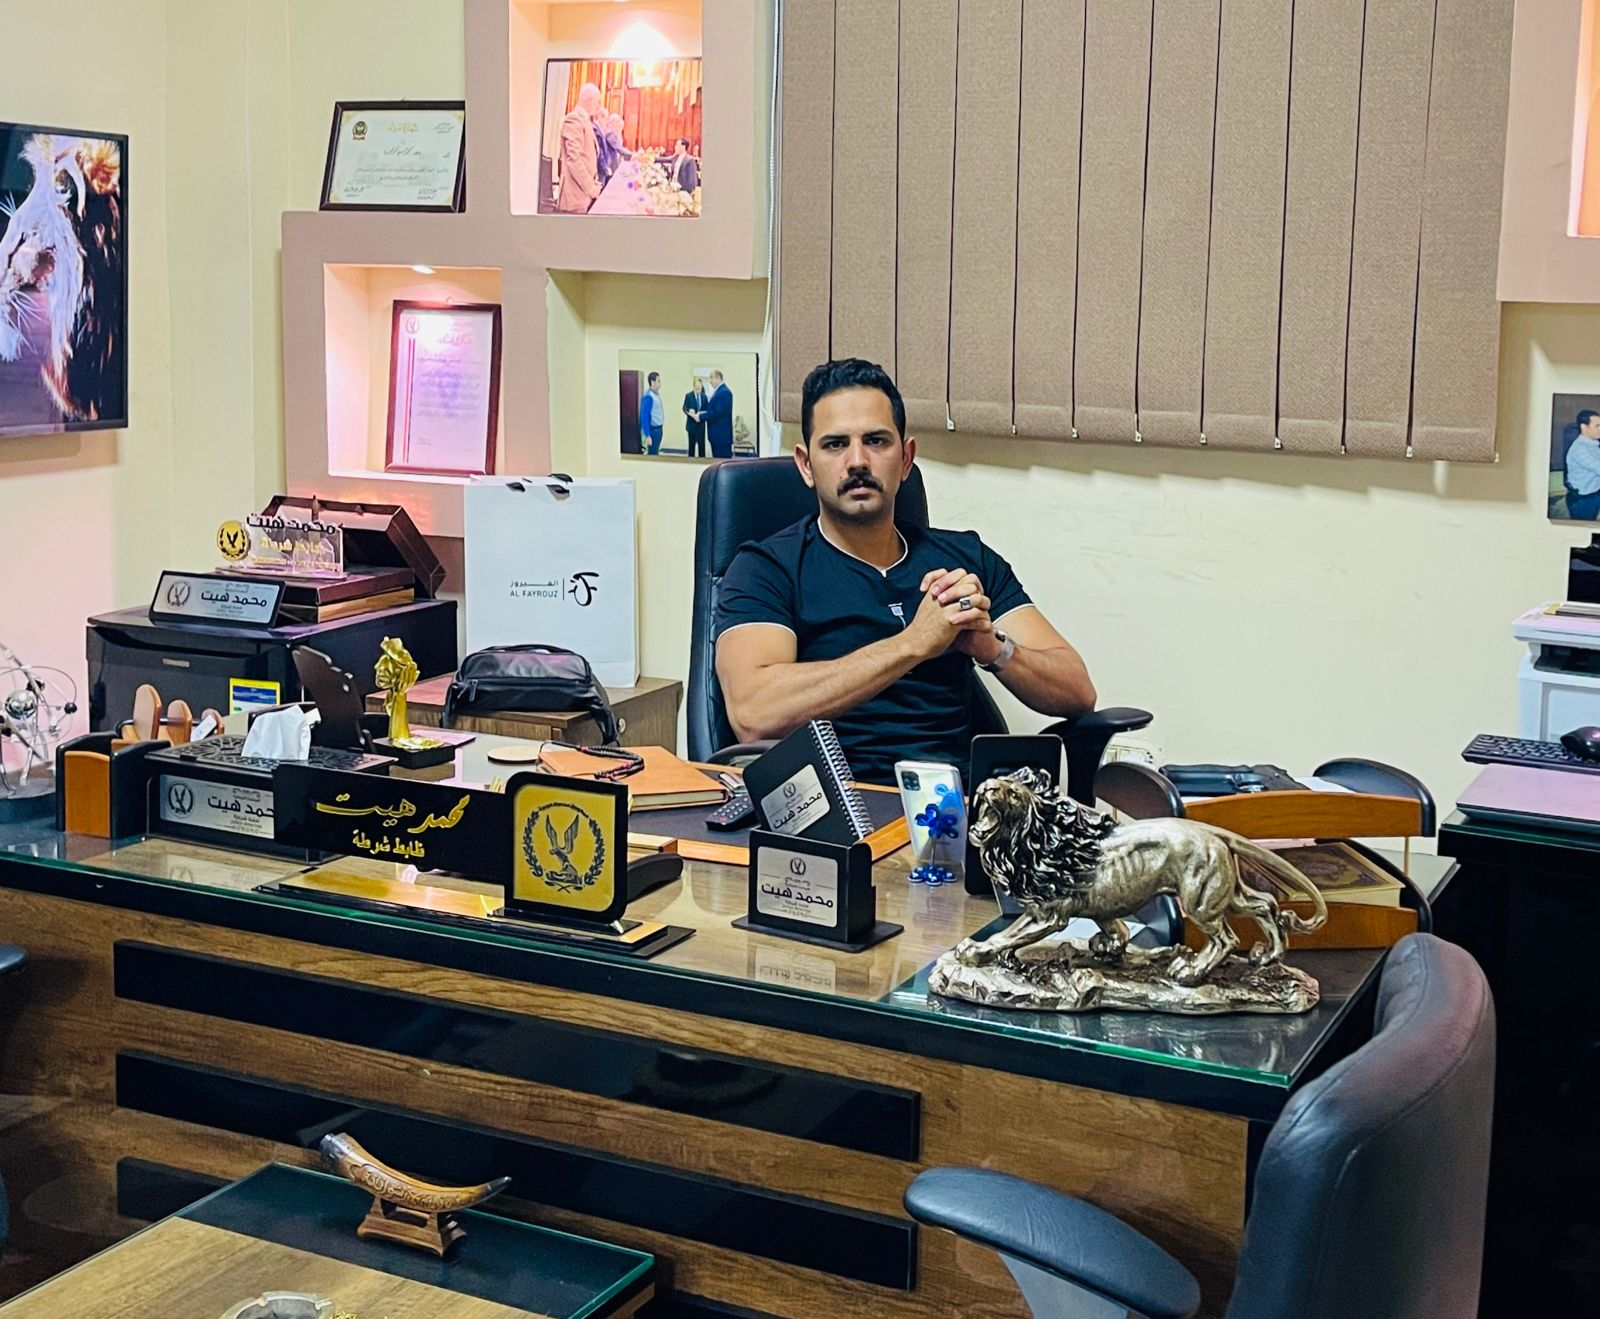 مصر اليوم العربية تقدم رسالة شكر الى الرائد محمد هيت   رسالة